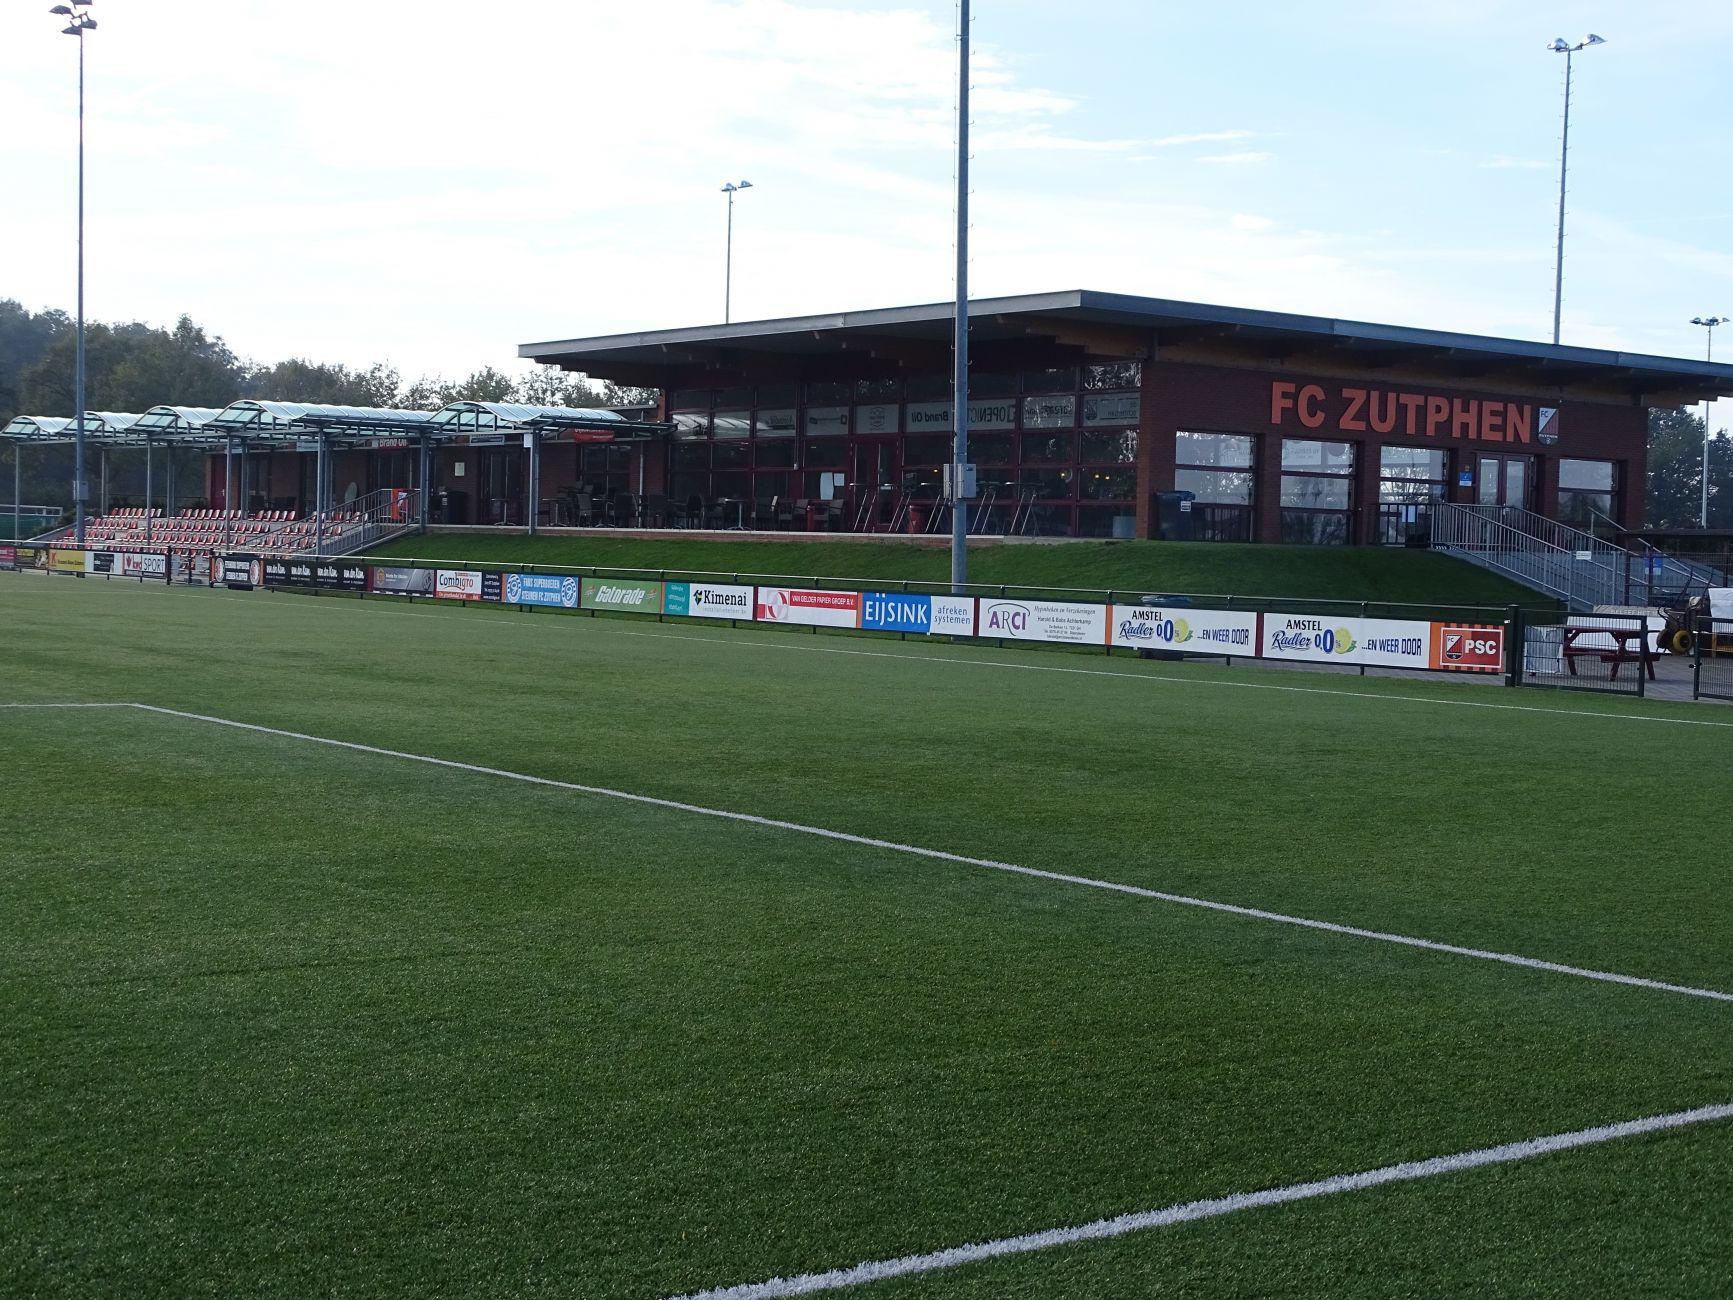 Onverdiende nederlaag van FC Zutphen (zat.)